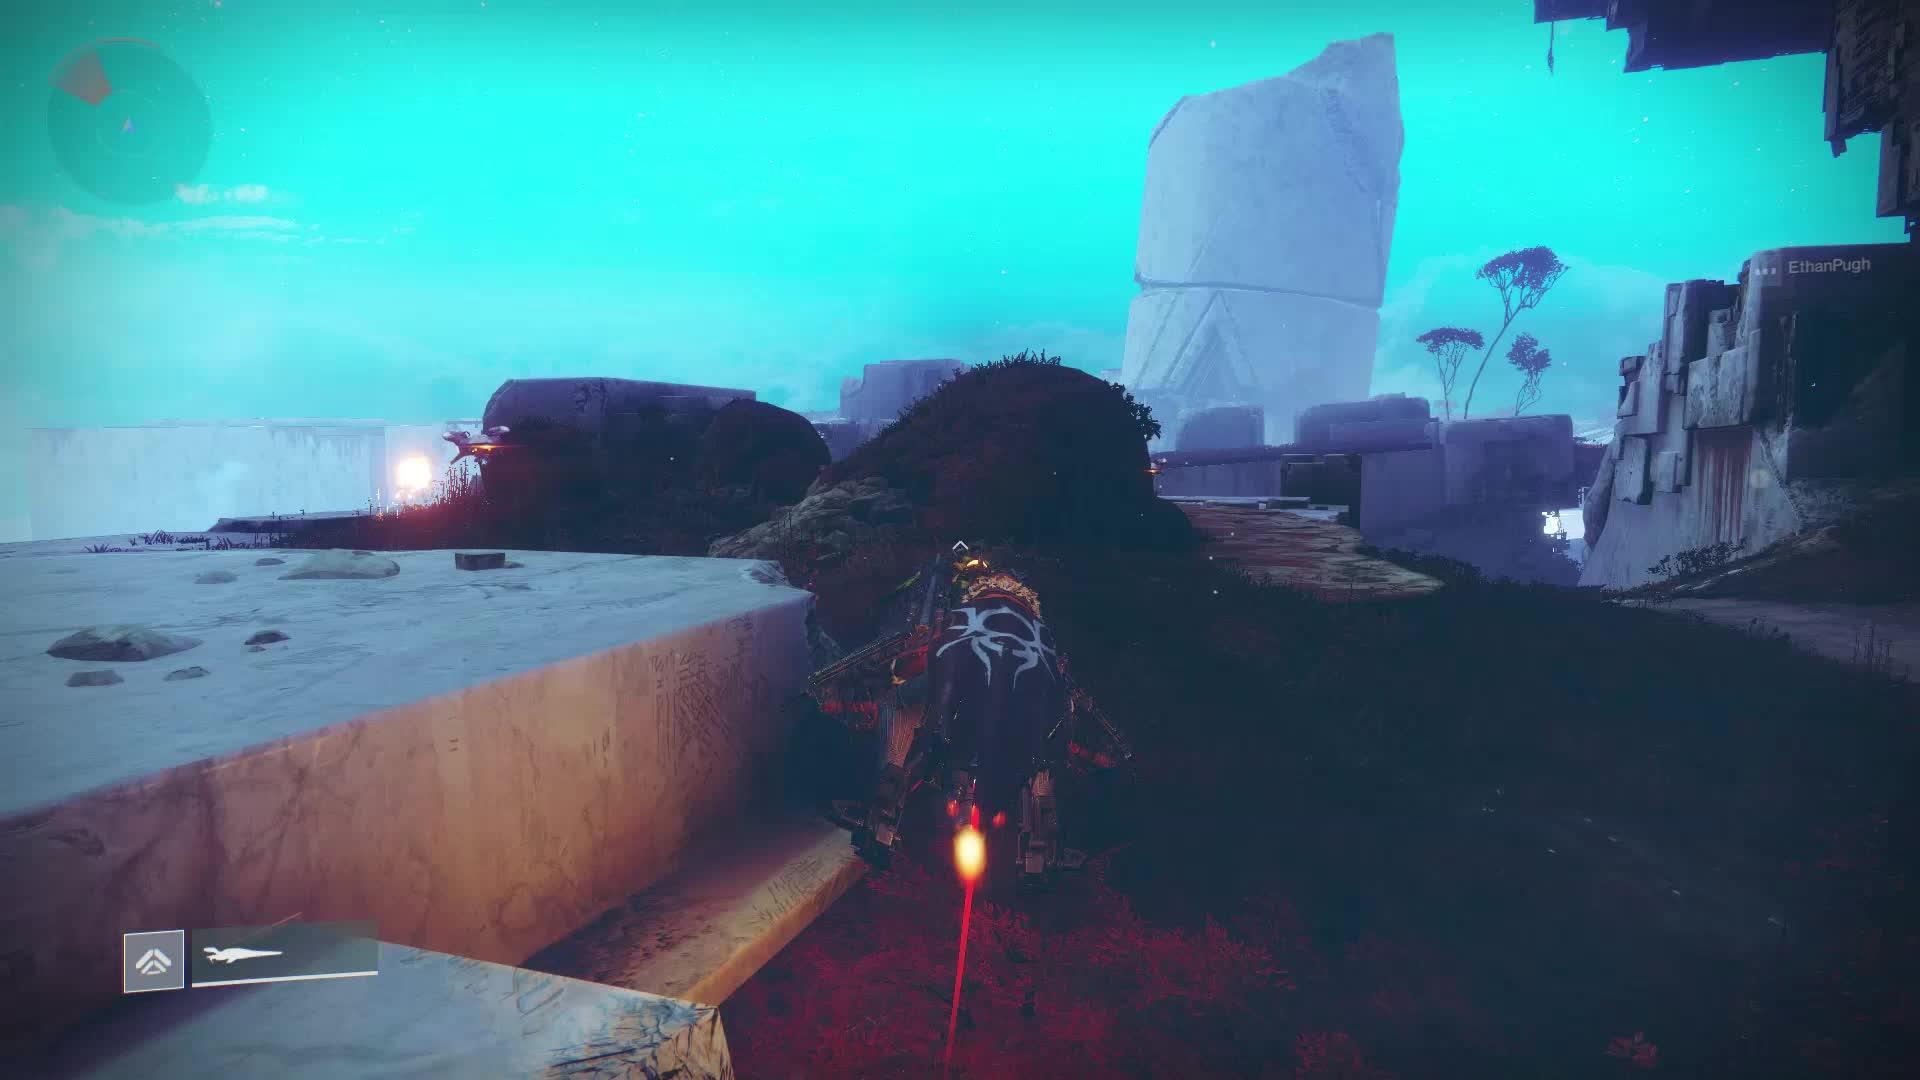 destiny2, rocketleague GIFs